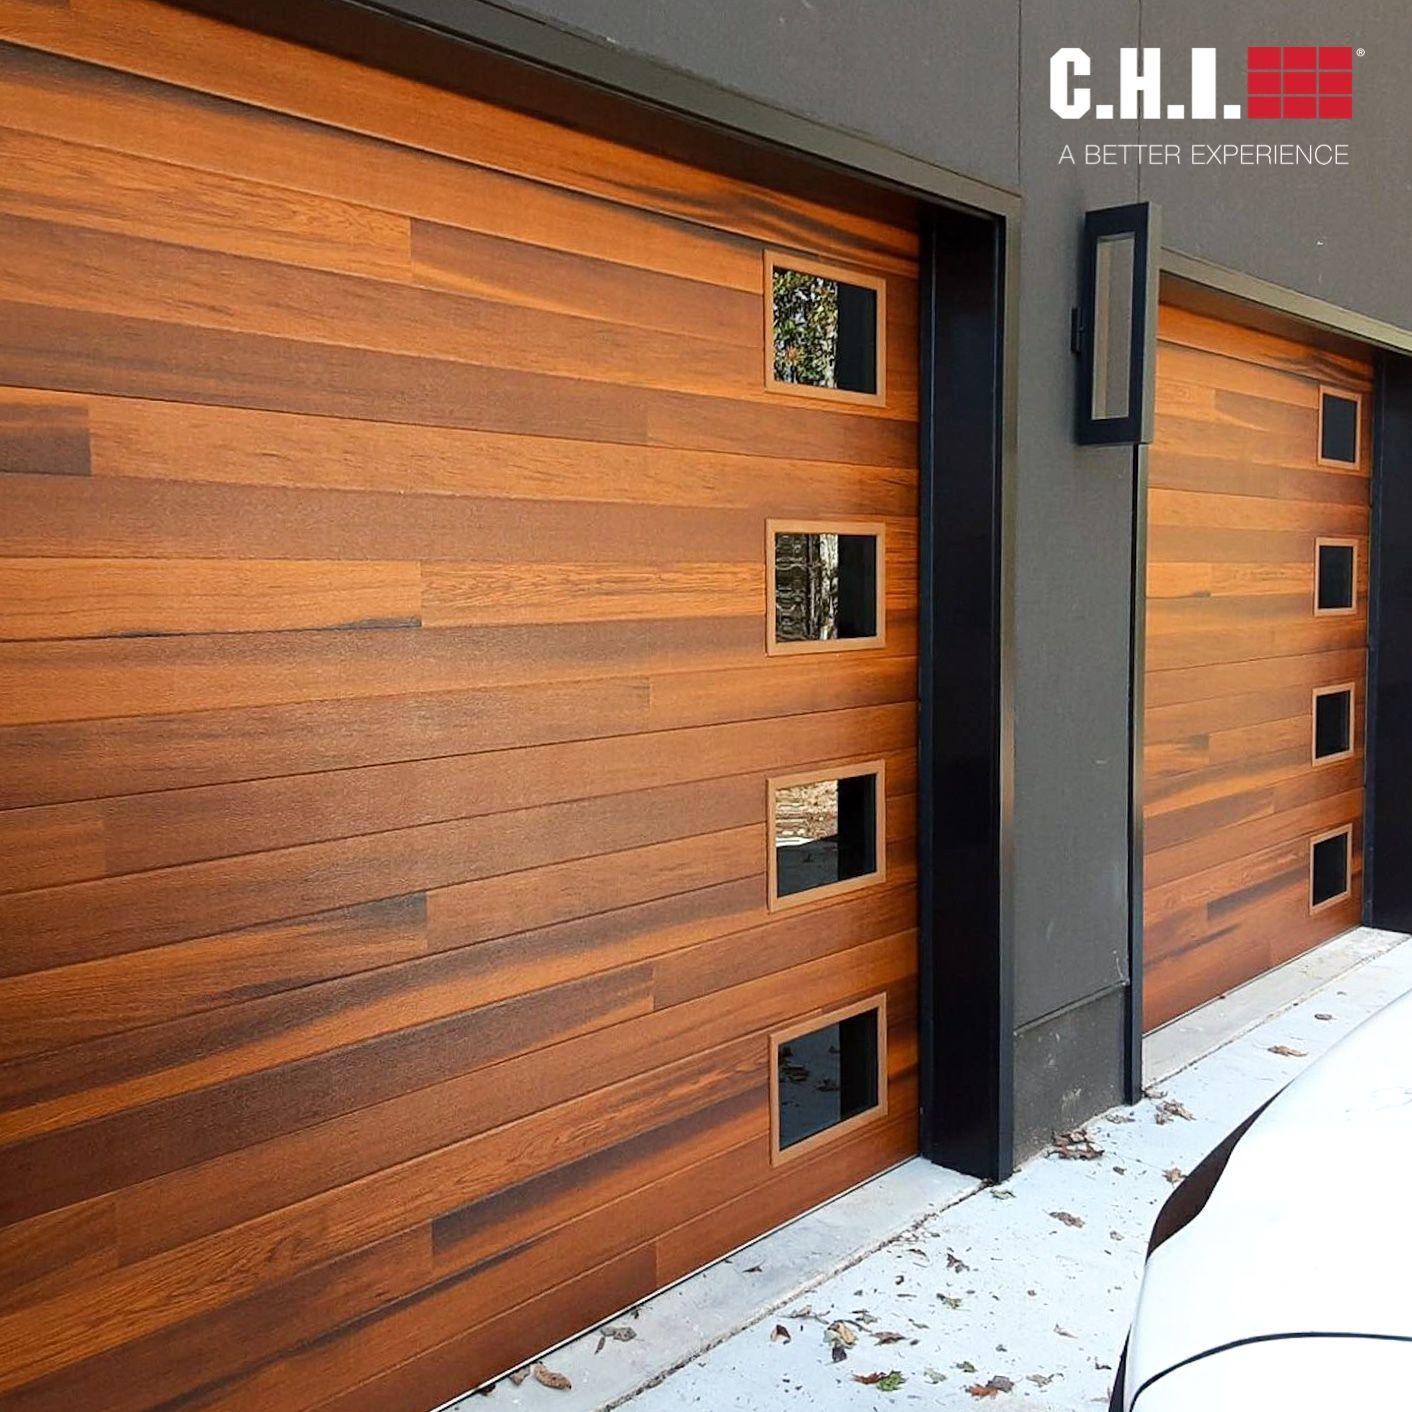 Planks Garage Doors In Cedar Accents Woodtones In 2020 Garage Door Styles Garage Door Design Contemporary Garage Doors